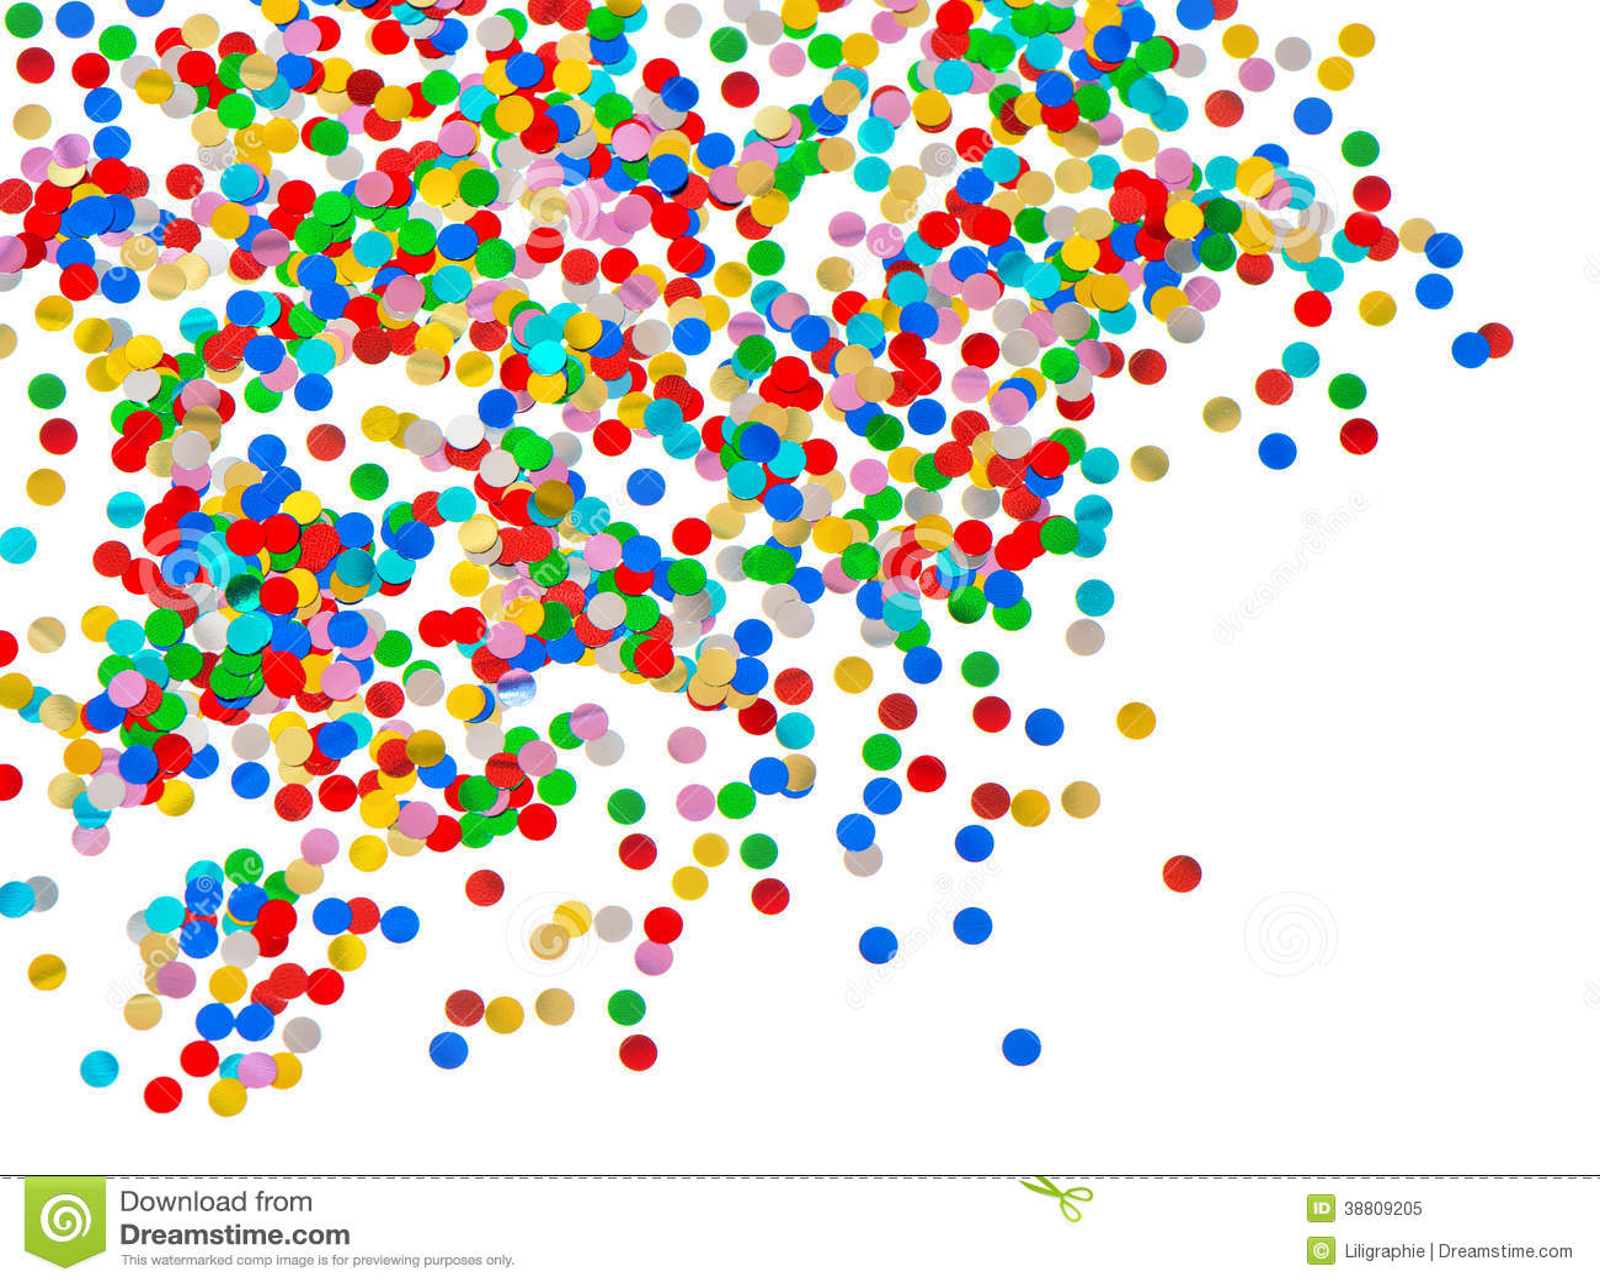 Fondo De Fiesta Diseño Decoracion Confeti Arte Patrón: Fondo Colorido Del Confeti. Decoración Del Carnaval